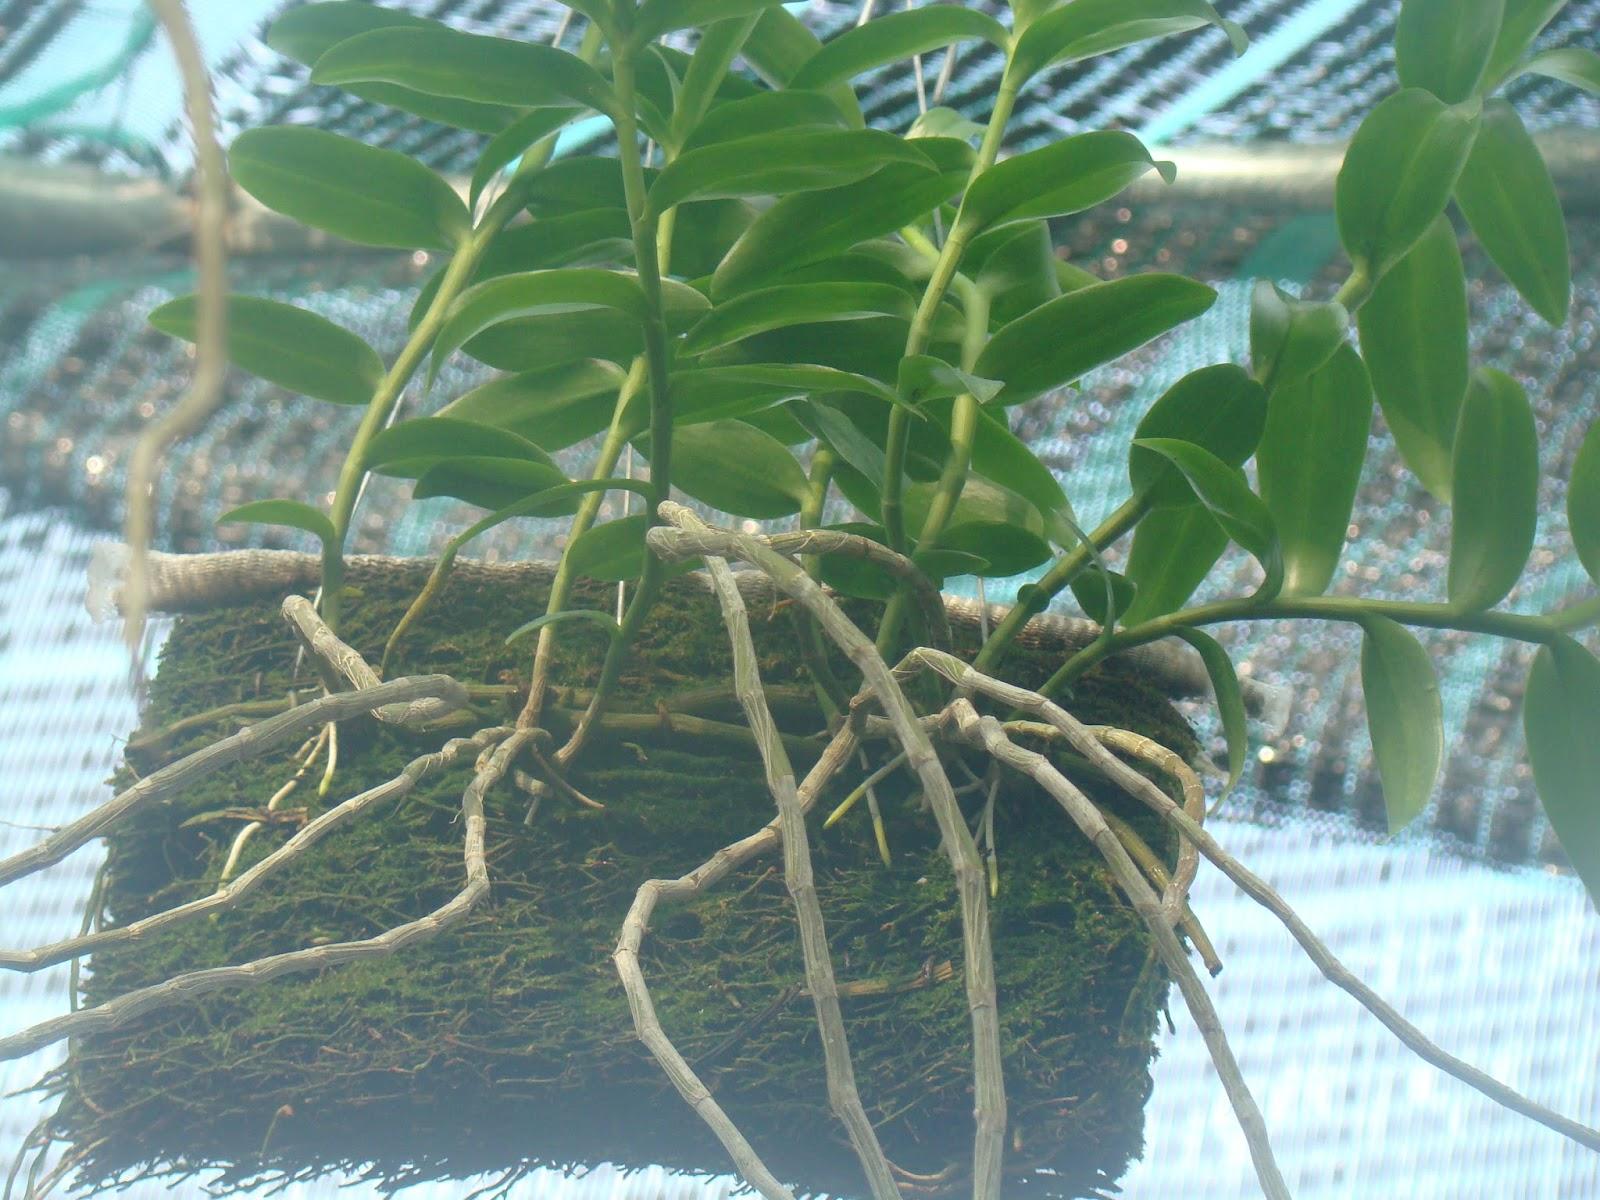 Hướng dẫn cách trồng lan Phi Điệp vào chậu đúng kỹ thuật và cho hoa đẹp - Ảnh 8